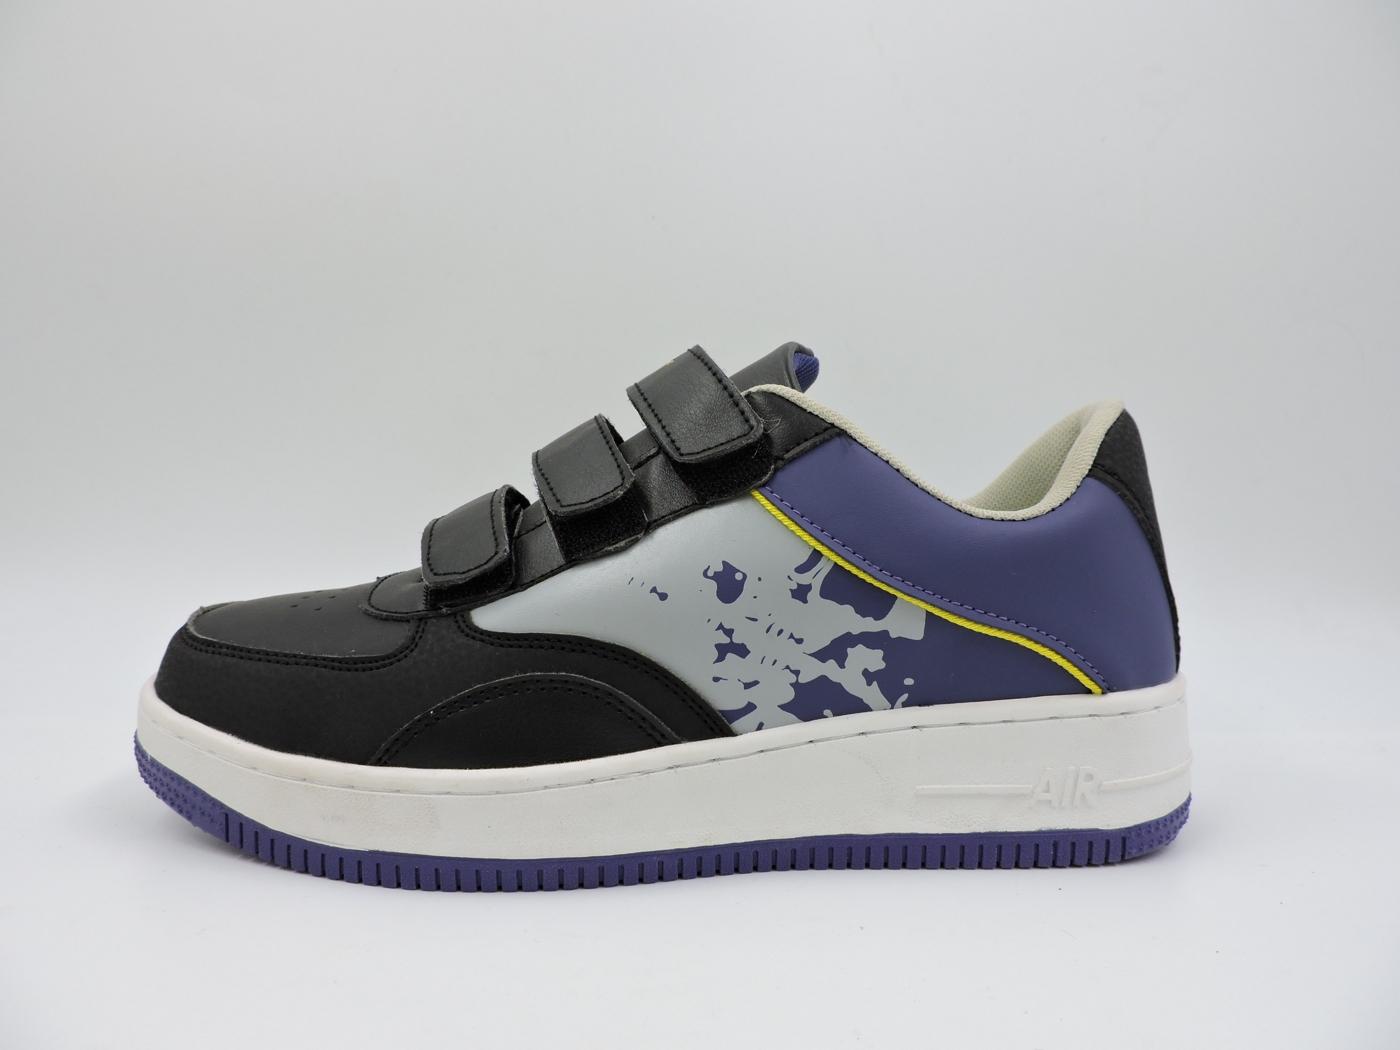 安全工作不生鏽鋼頭防穿刺鋼板鞋橡膠底2013黑紫